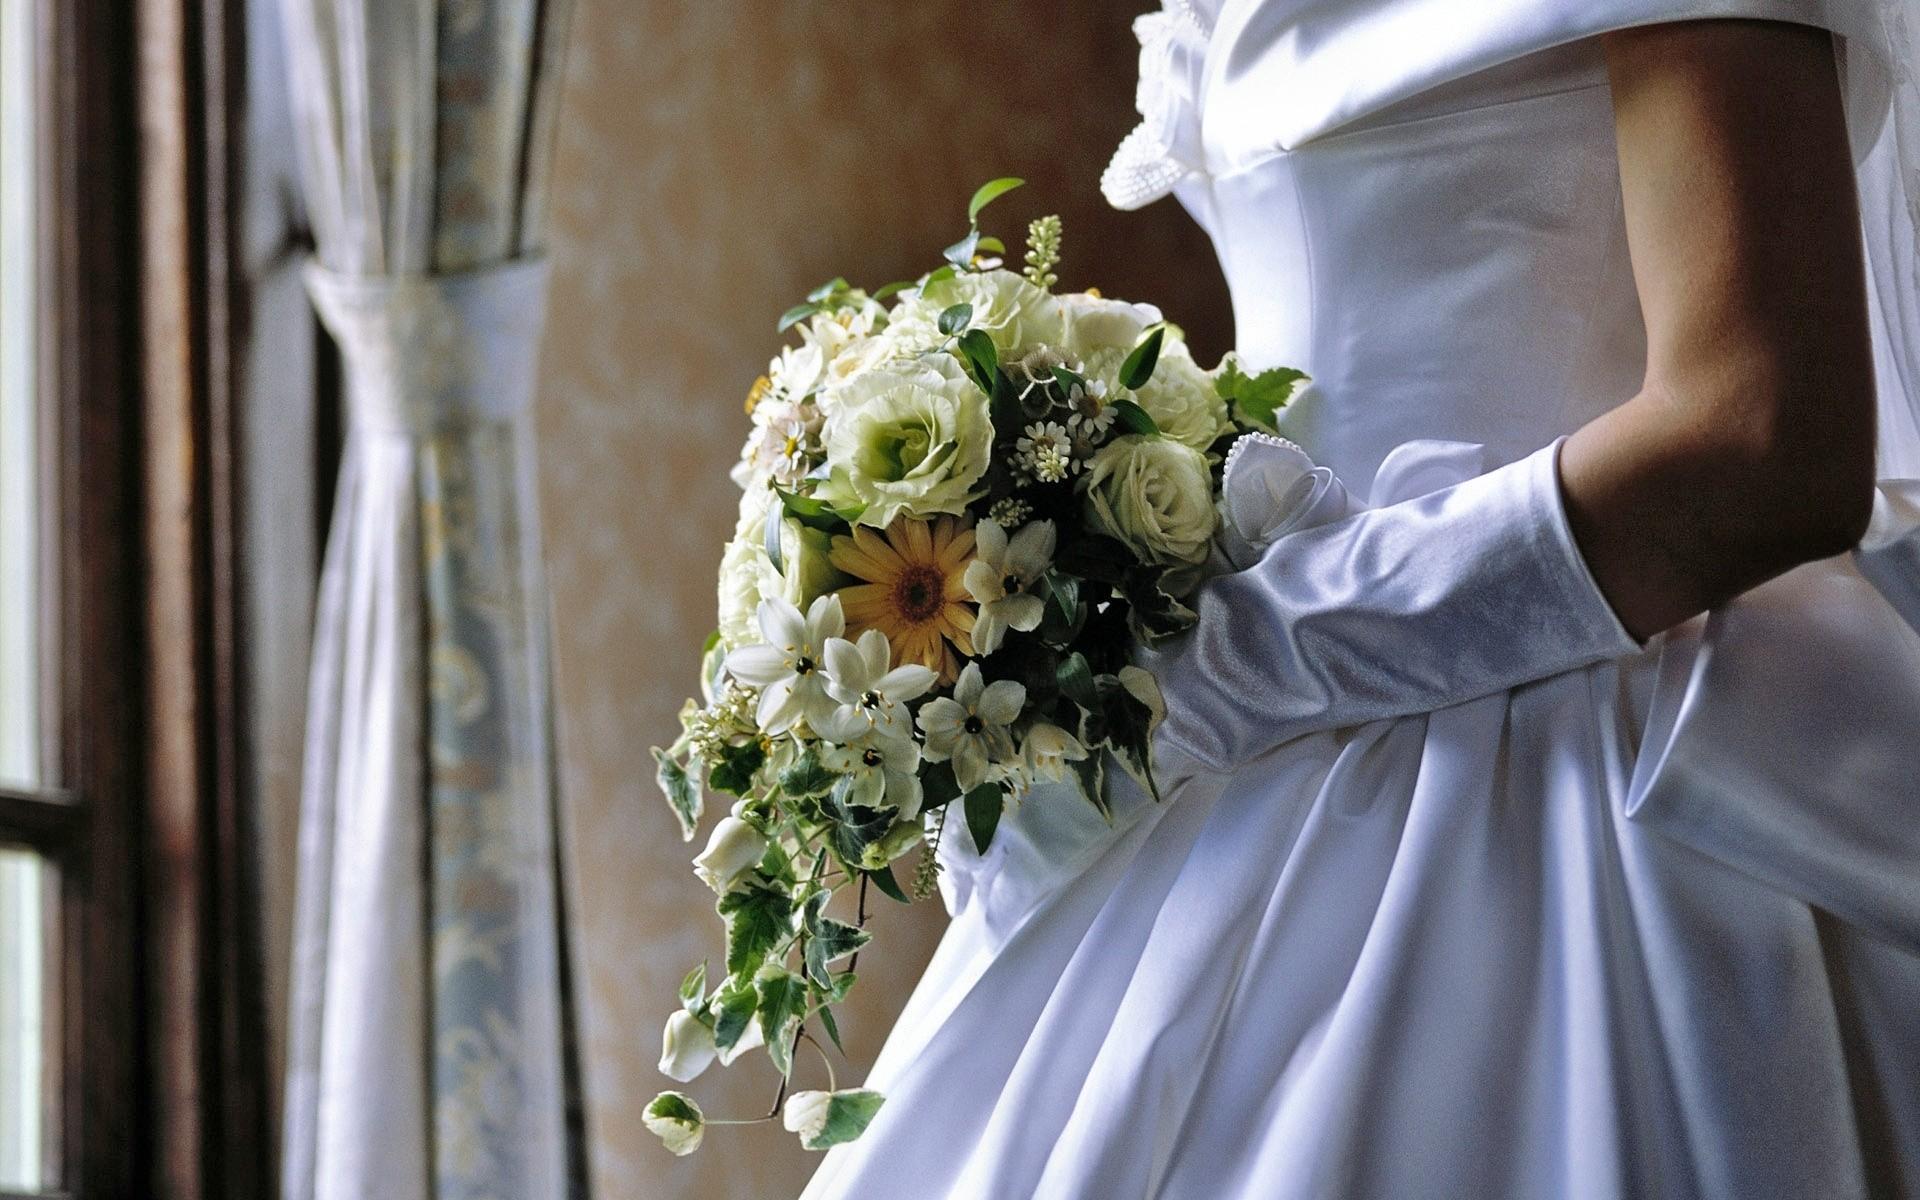 Las flores de una novia - 1920x1200